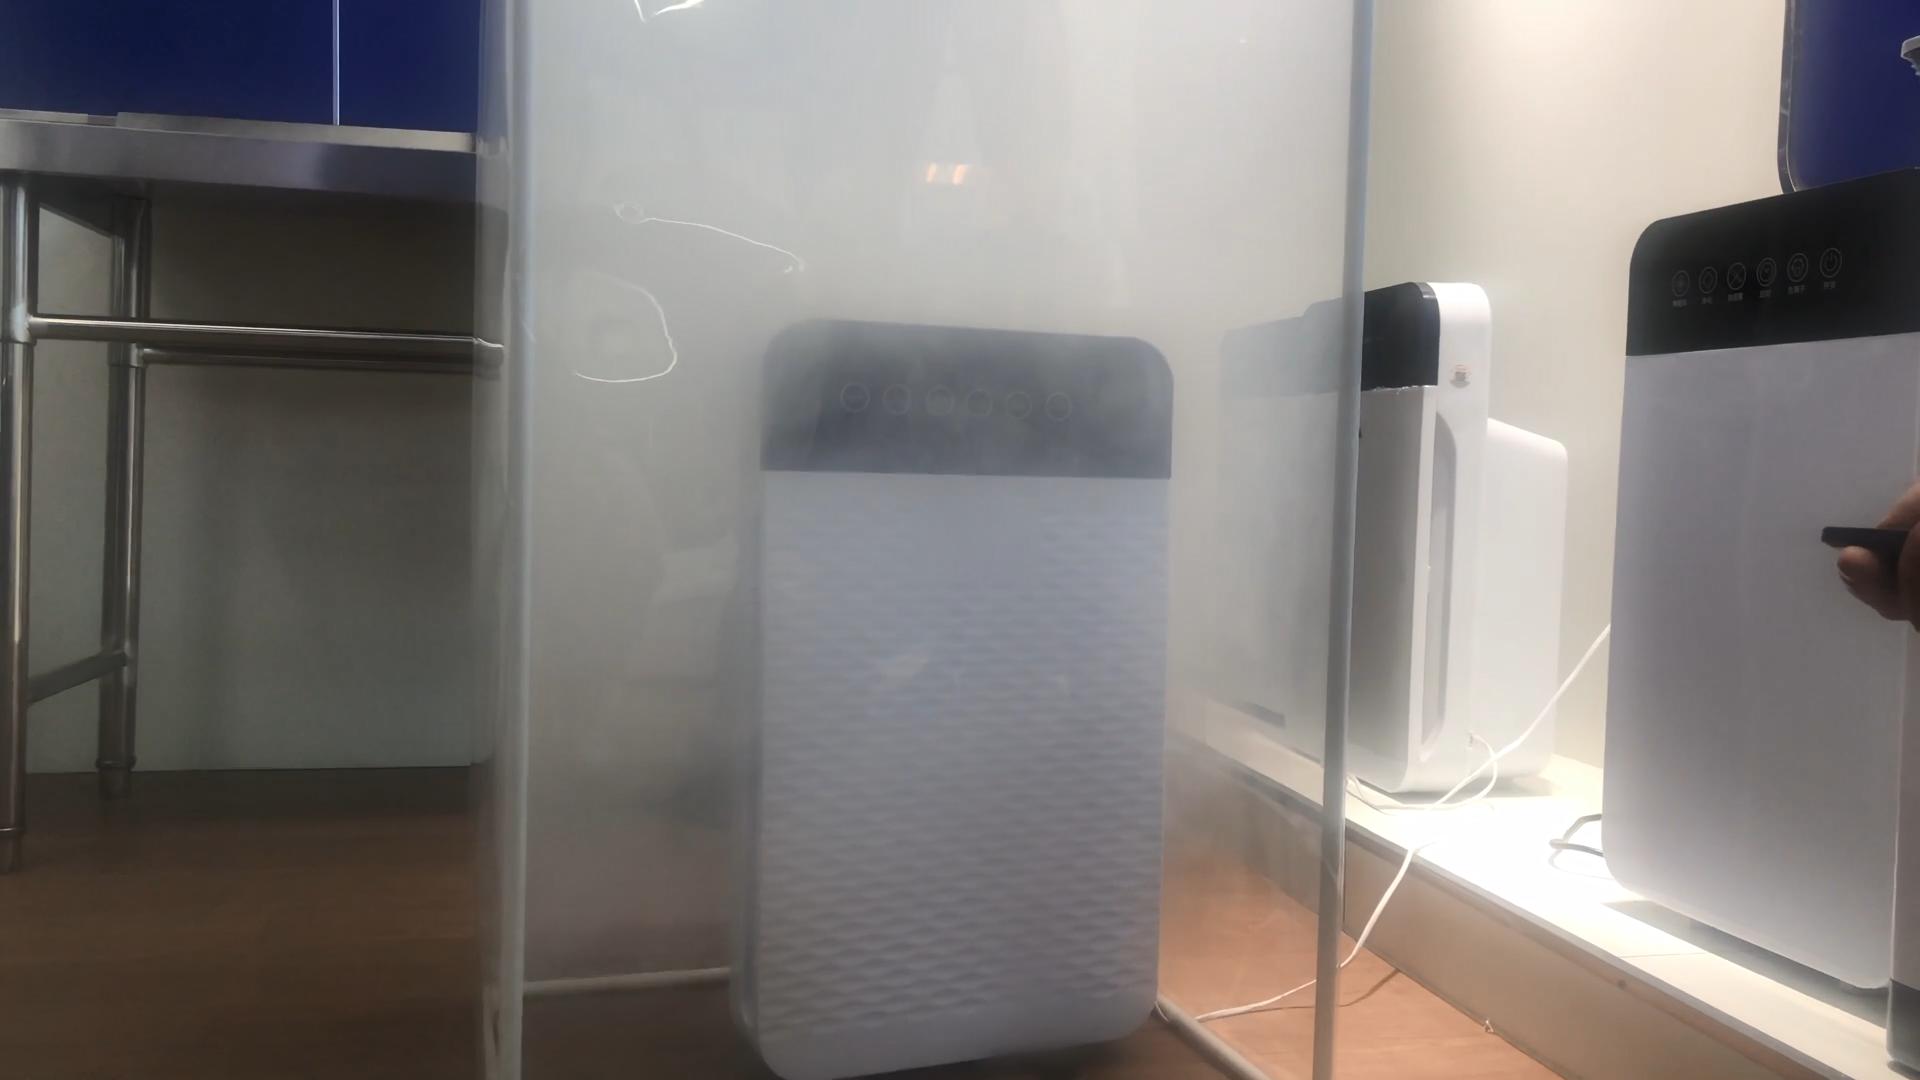 رخيصة المنزلية purificador دي اير المحمولة ايون الأوزون الذكية المنزل استخدام فلتر hepa لتنقية الهواء مصغرة للبيع